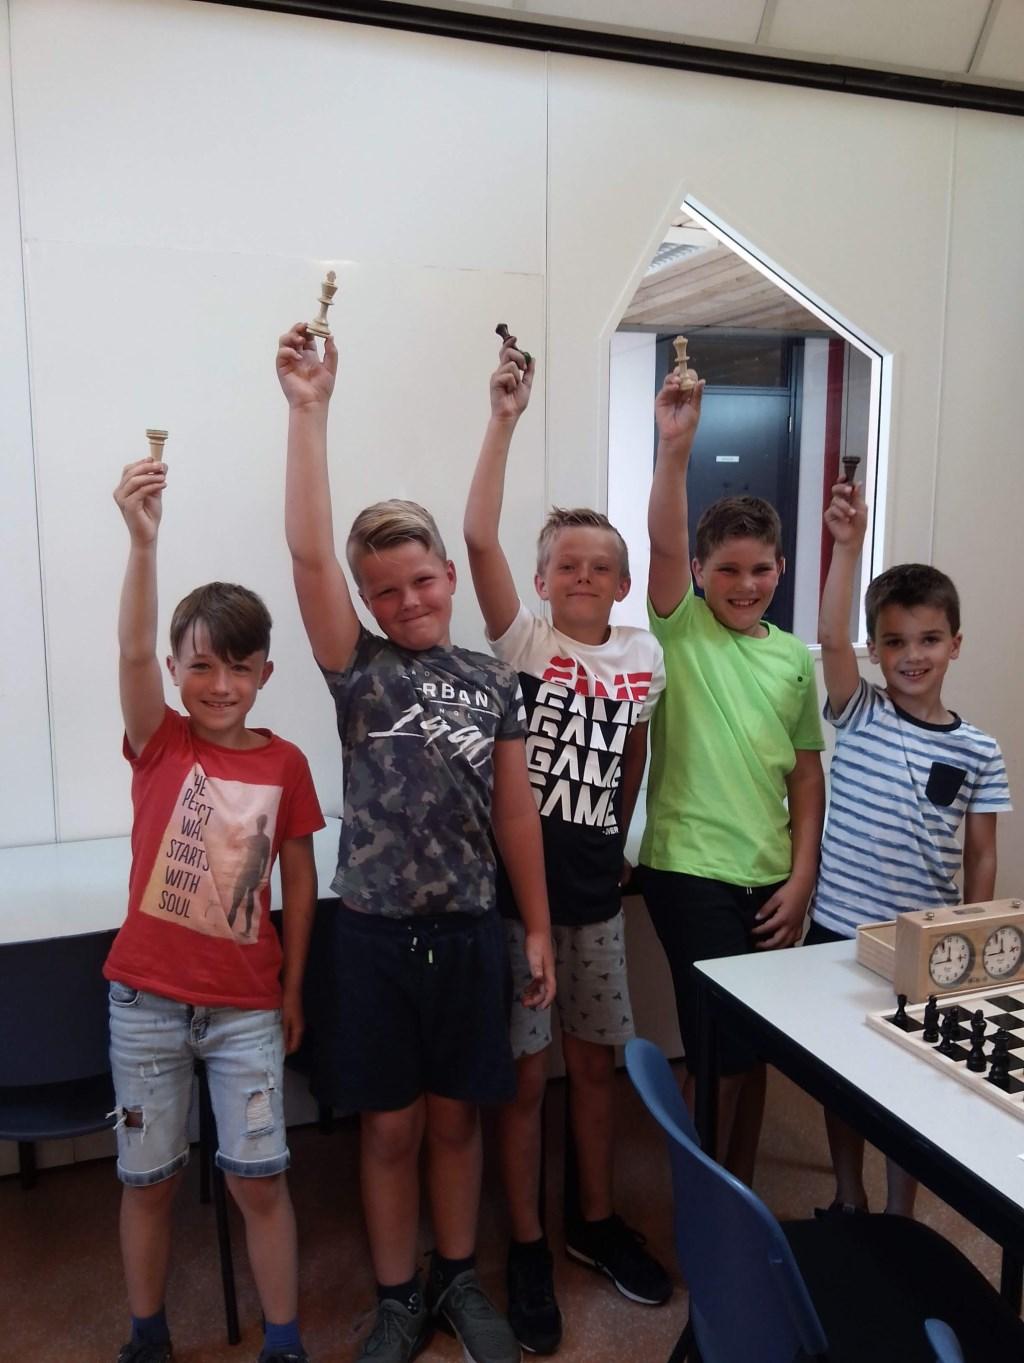 • Het schaakteam van De Hoeksteen, met v.l.n.r. Ralph Mostert, Jip van der Linden, Tijn Sprong, Mats Vink, Ton Luijten.  © Alblasserwaard